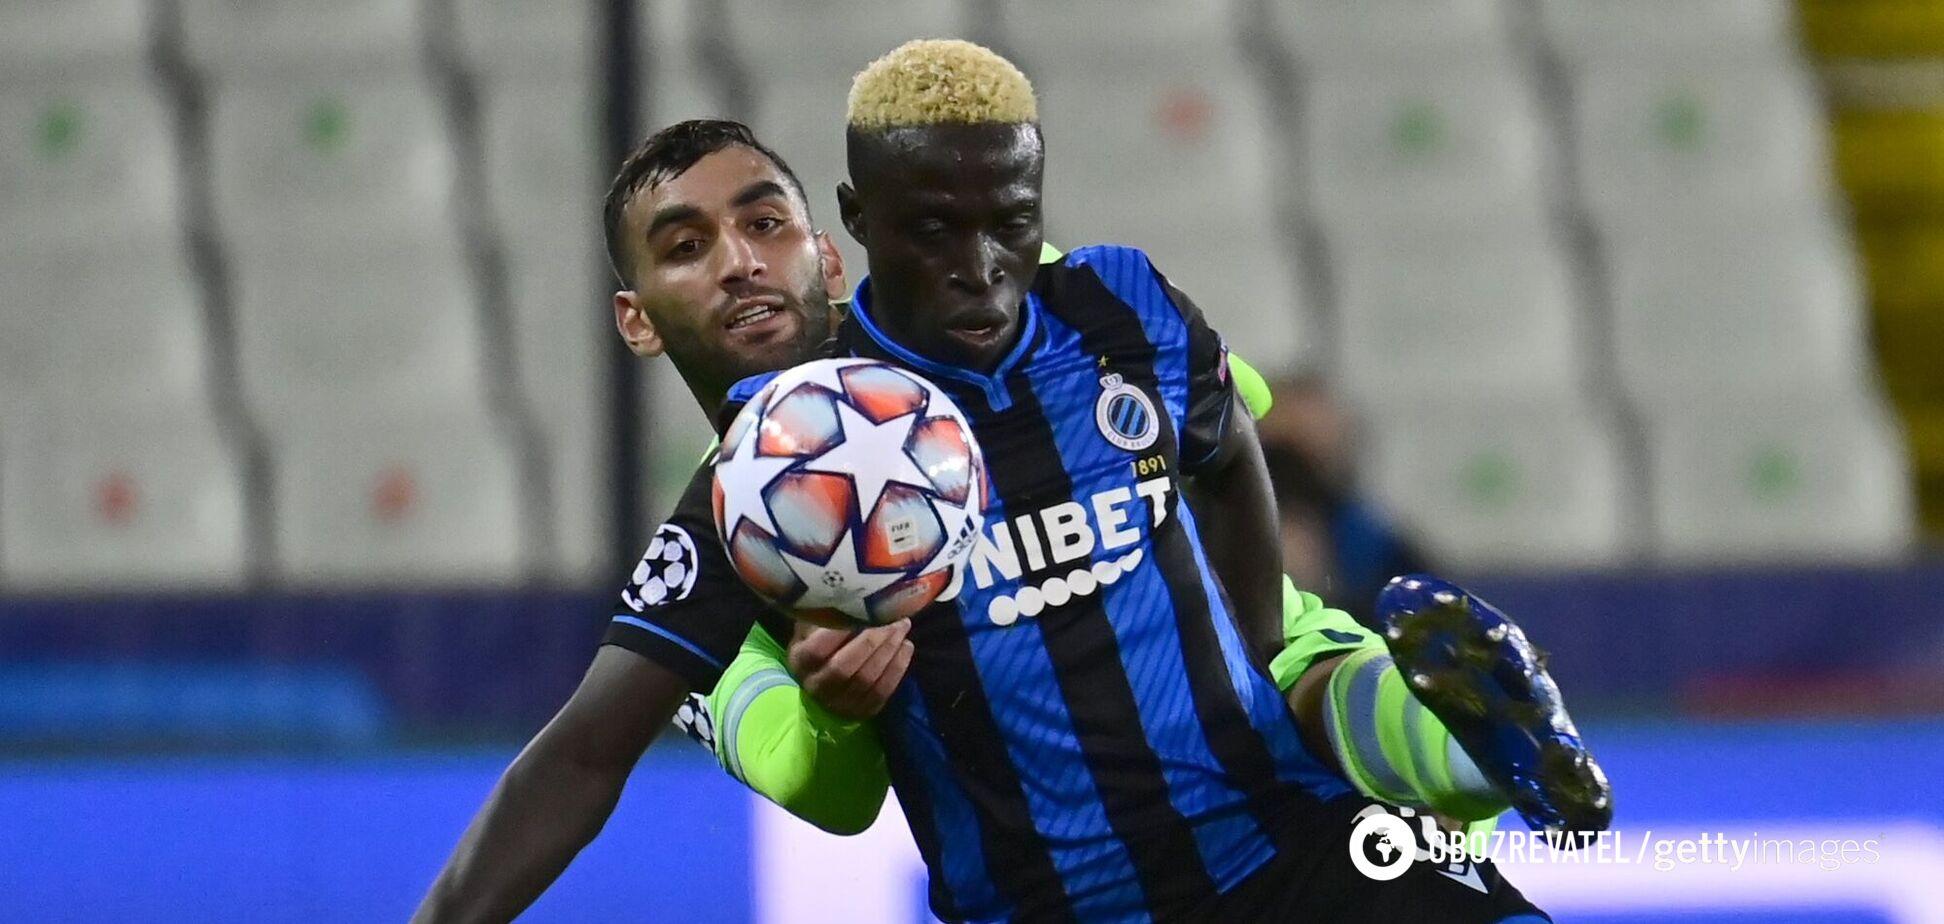 Крепин Диатта в матче Лиги чемпионов против 'Лацио'